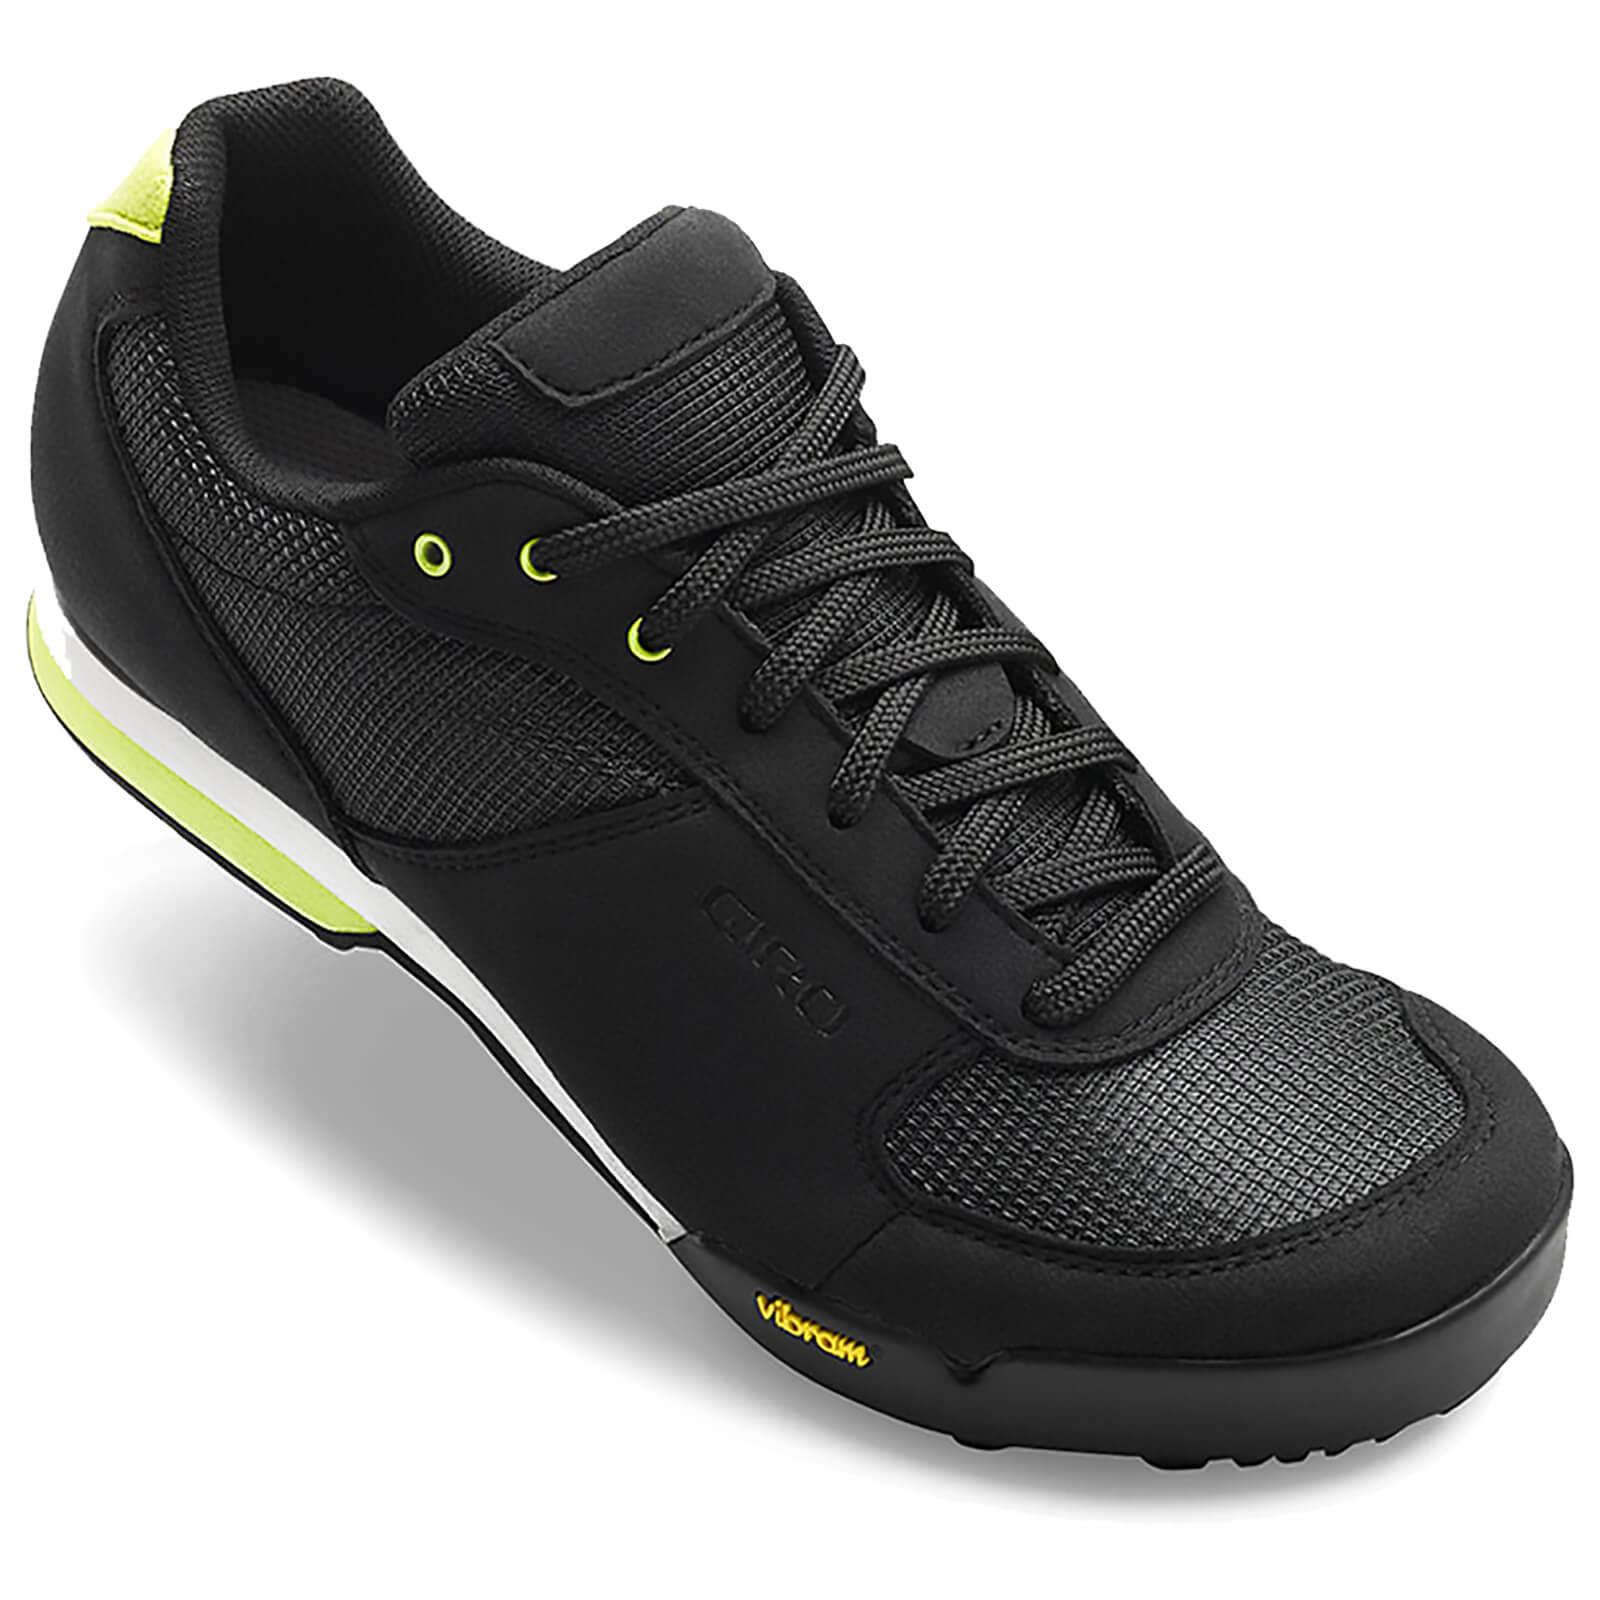 Giro Petra Women's MTB Cycling Shoes - Black/Wild Lime - EU 39/UK 5.5 - Black